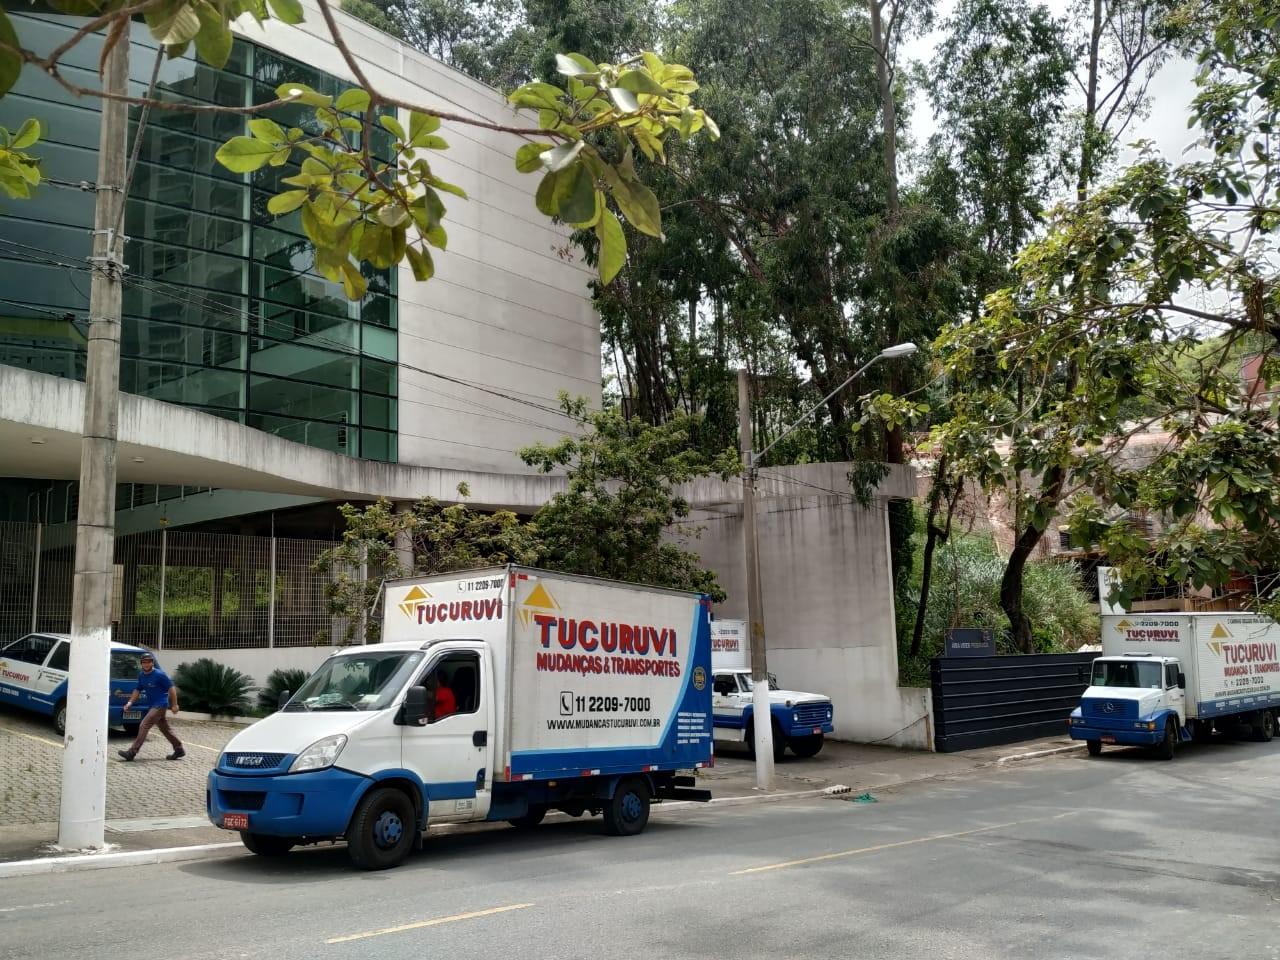 Mudança residencial em São Caetano do Sul